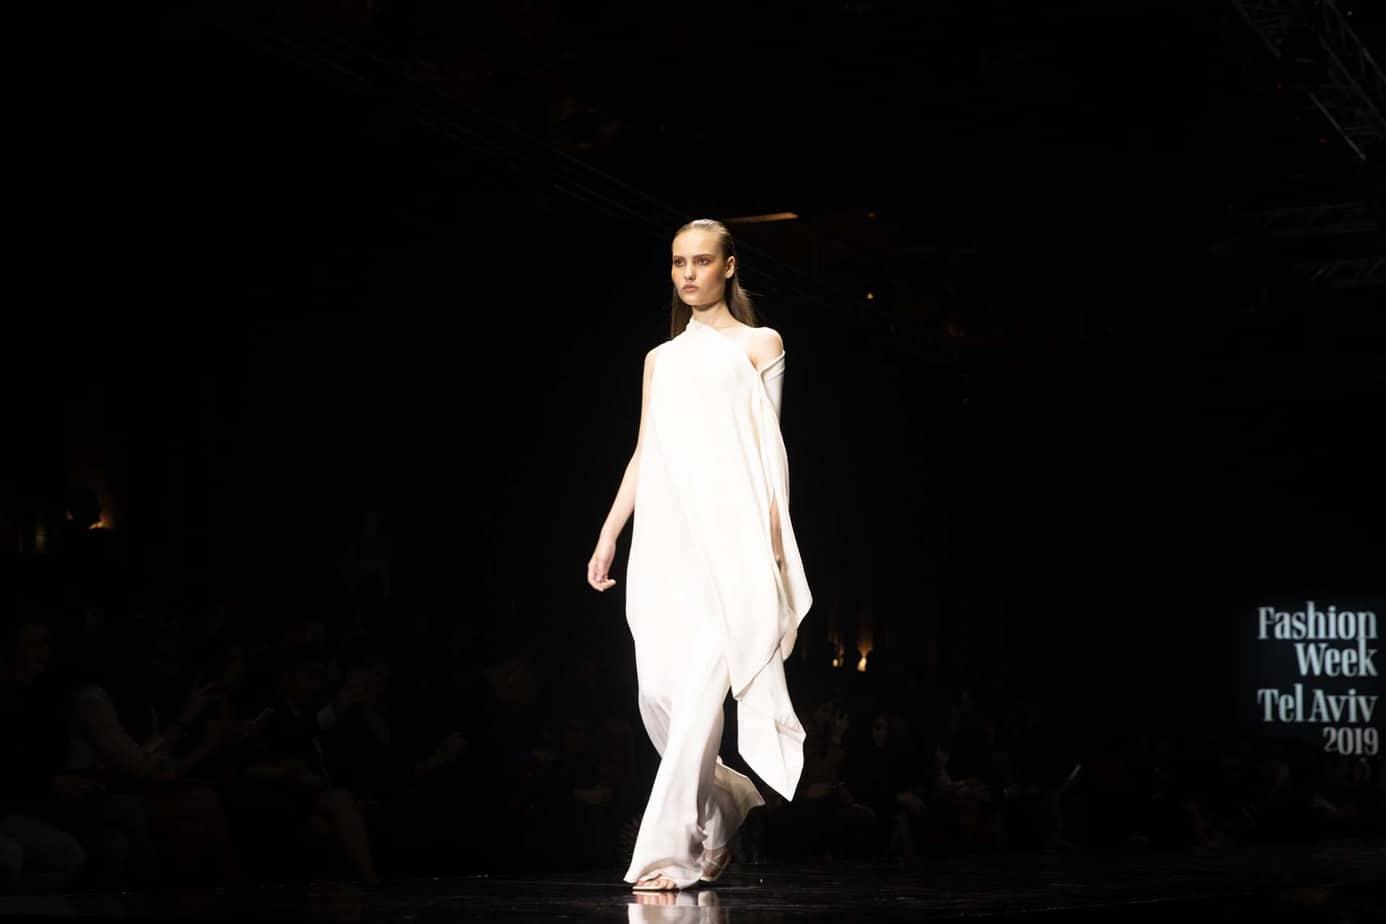 שי שלום. שבוע האופנה תל אביב 2019. צילום עומר קפלן - 7